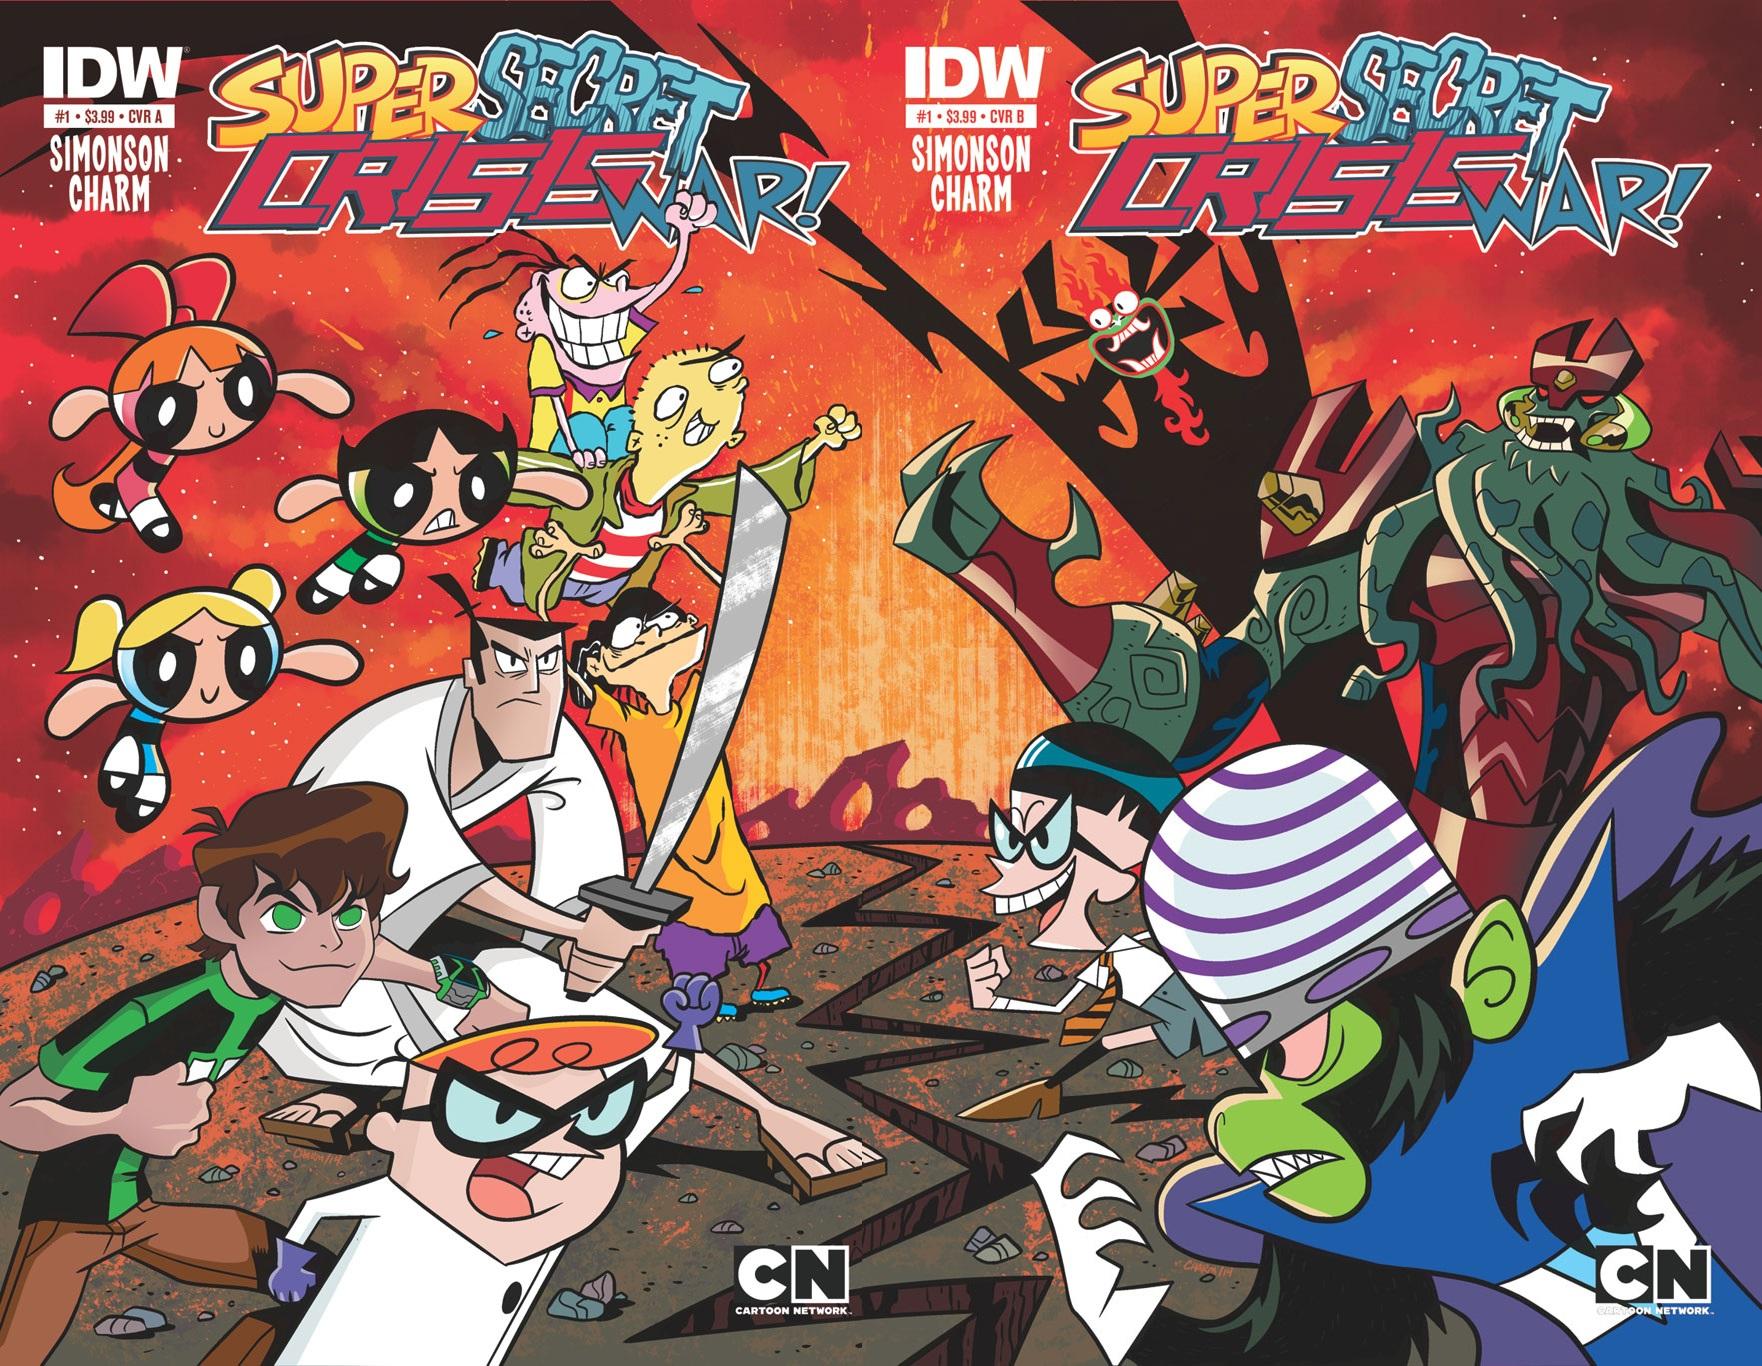 Super Secret Crisis War! | The Cartoon Network Wiki | FANDOM